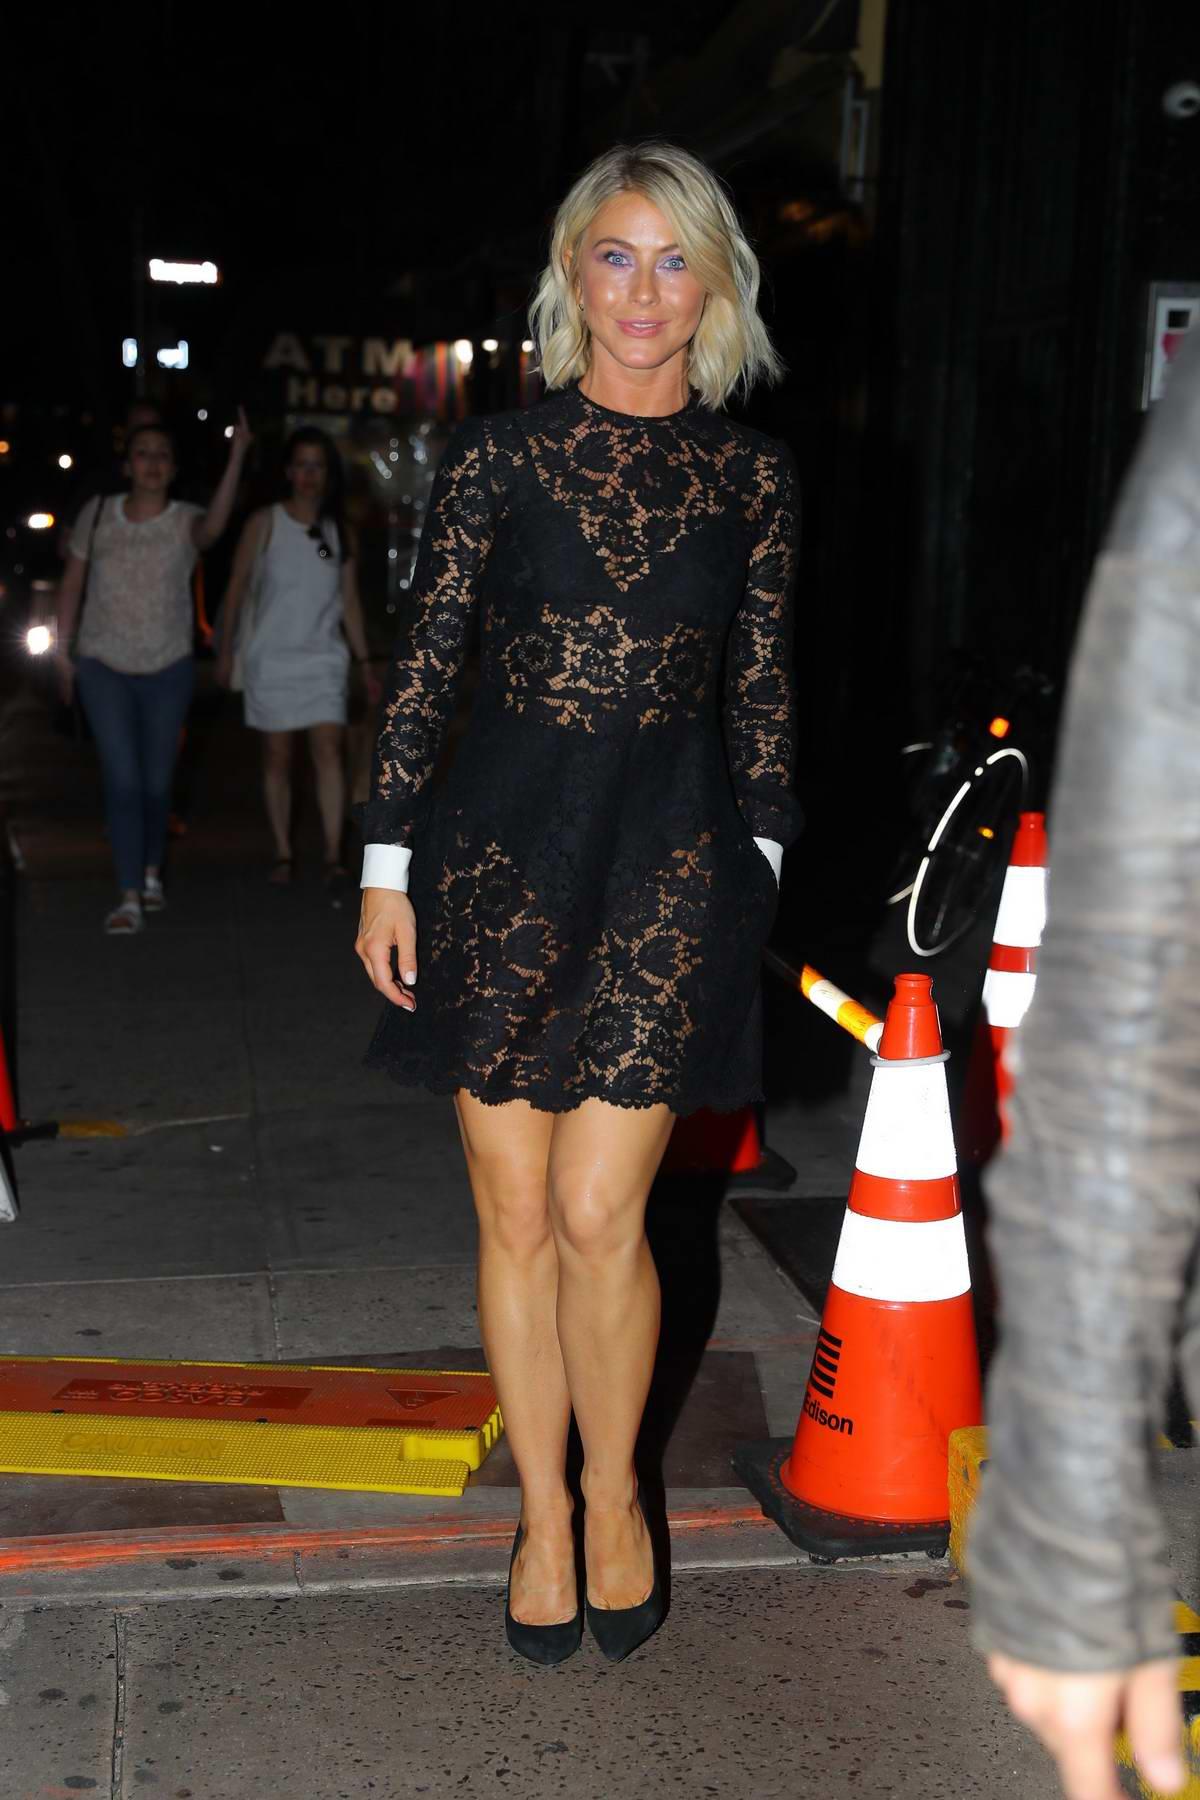 Julianne Hough Dons A Sheer Black Dress For Dinner At Raul